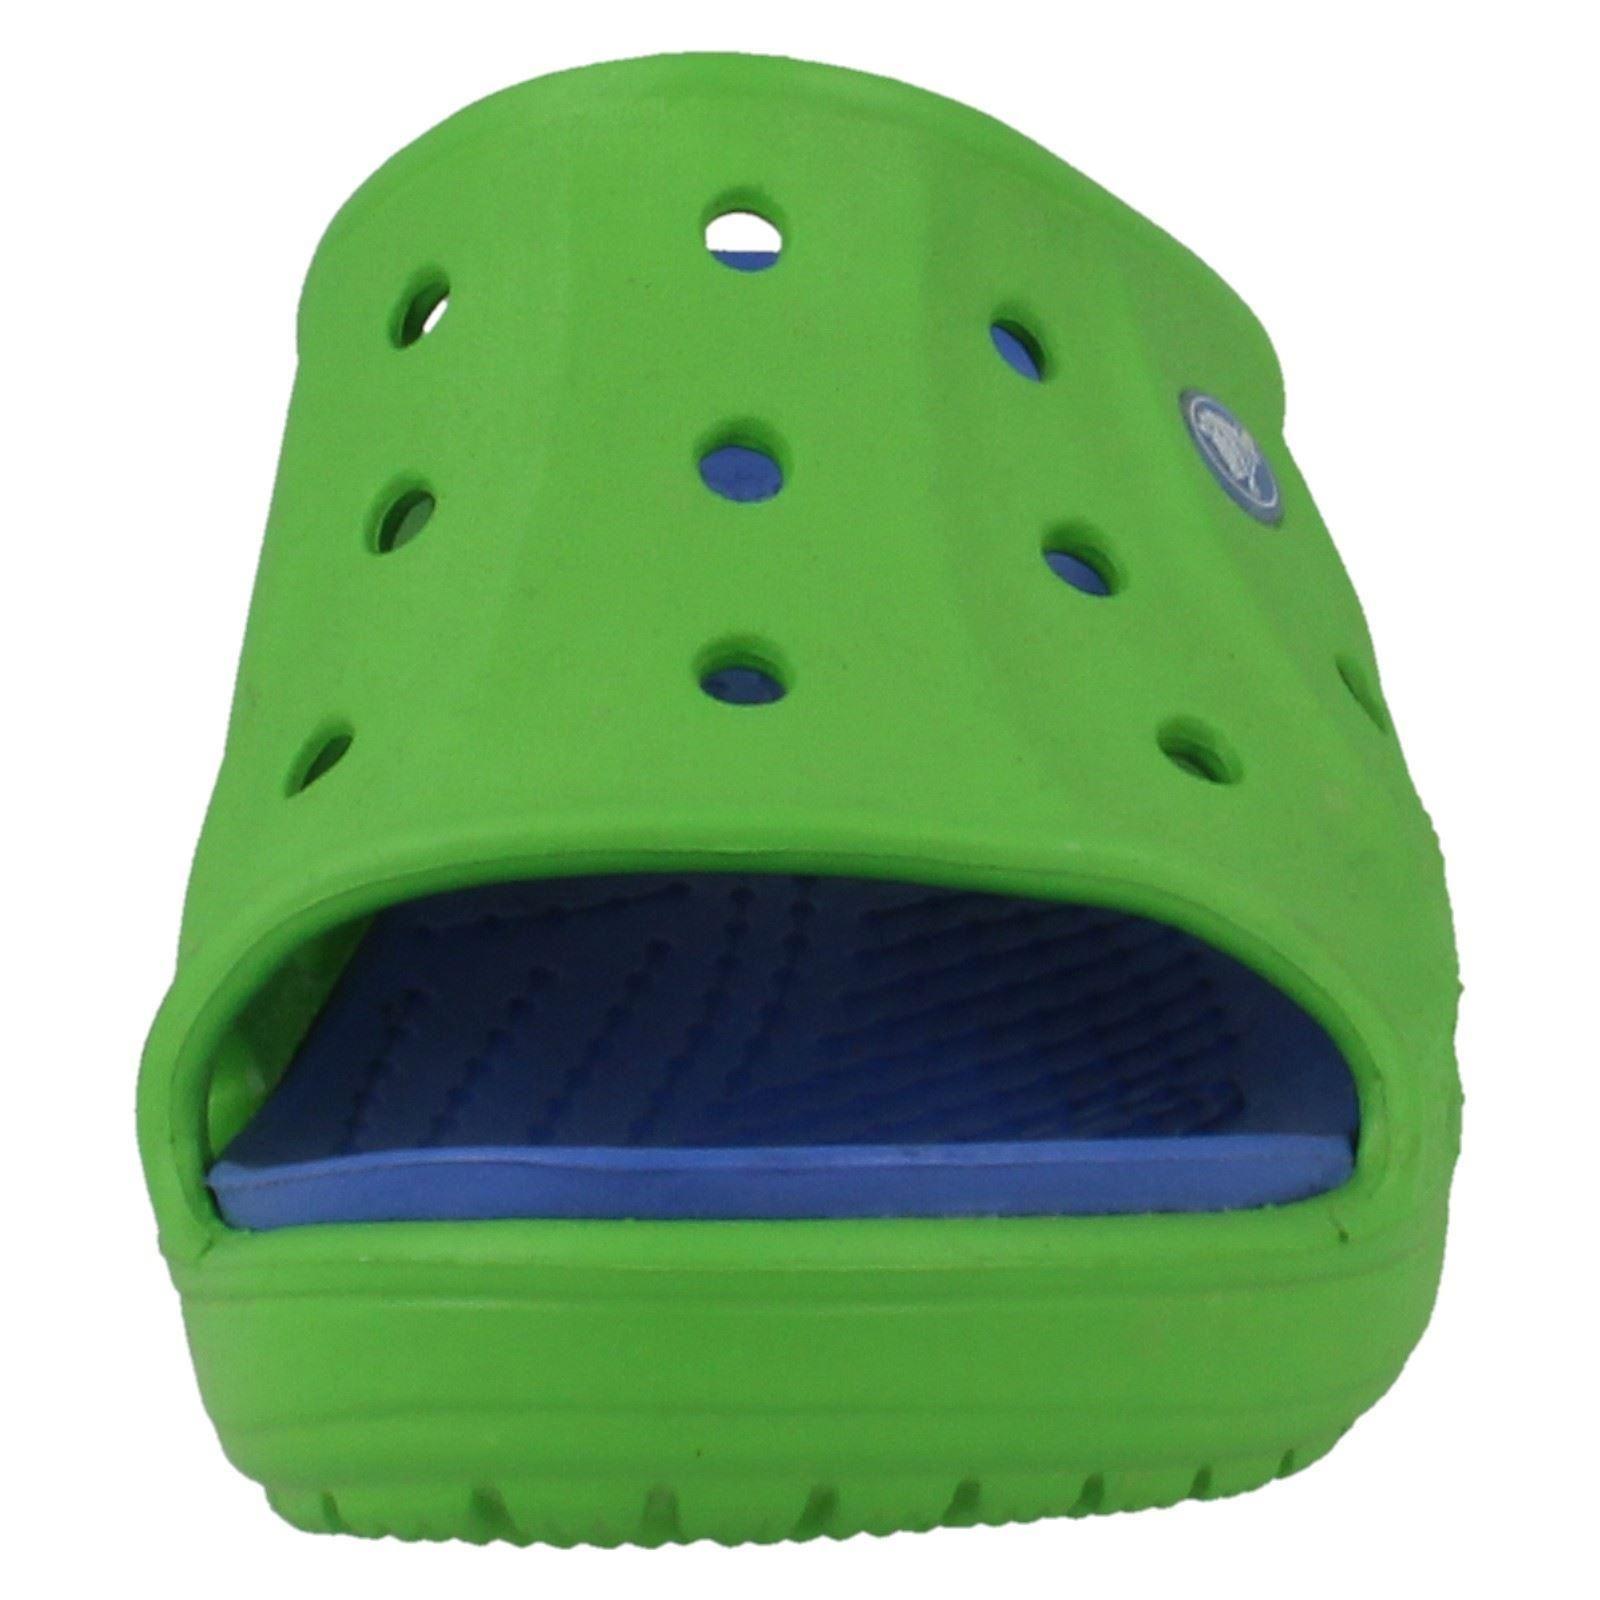 Unisex Crocs Feat Slide Kids Mule Sandals